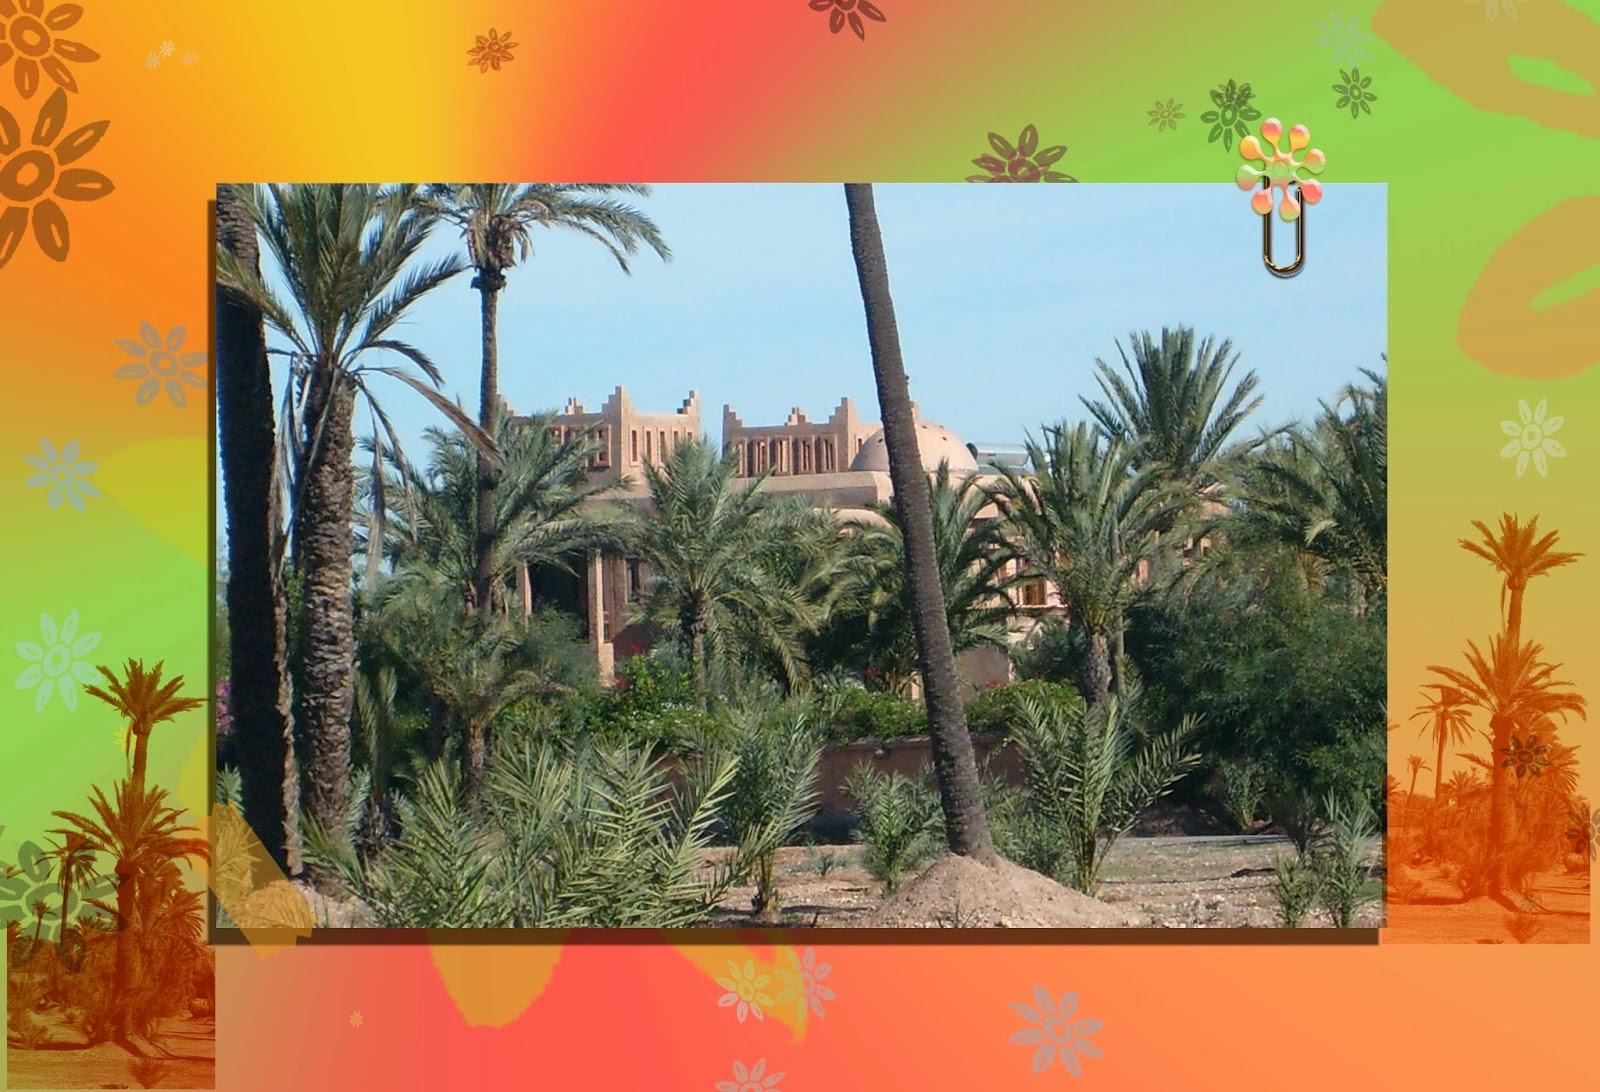 palmiers faire promenade